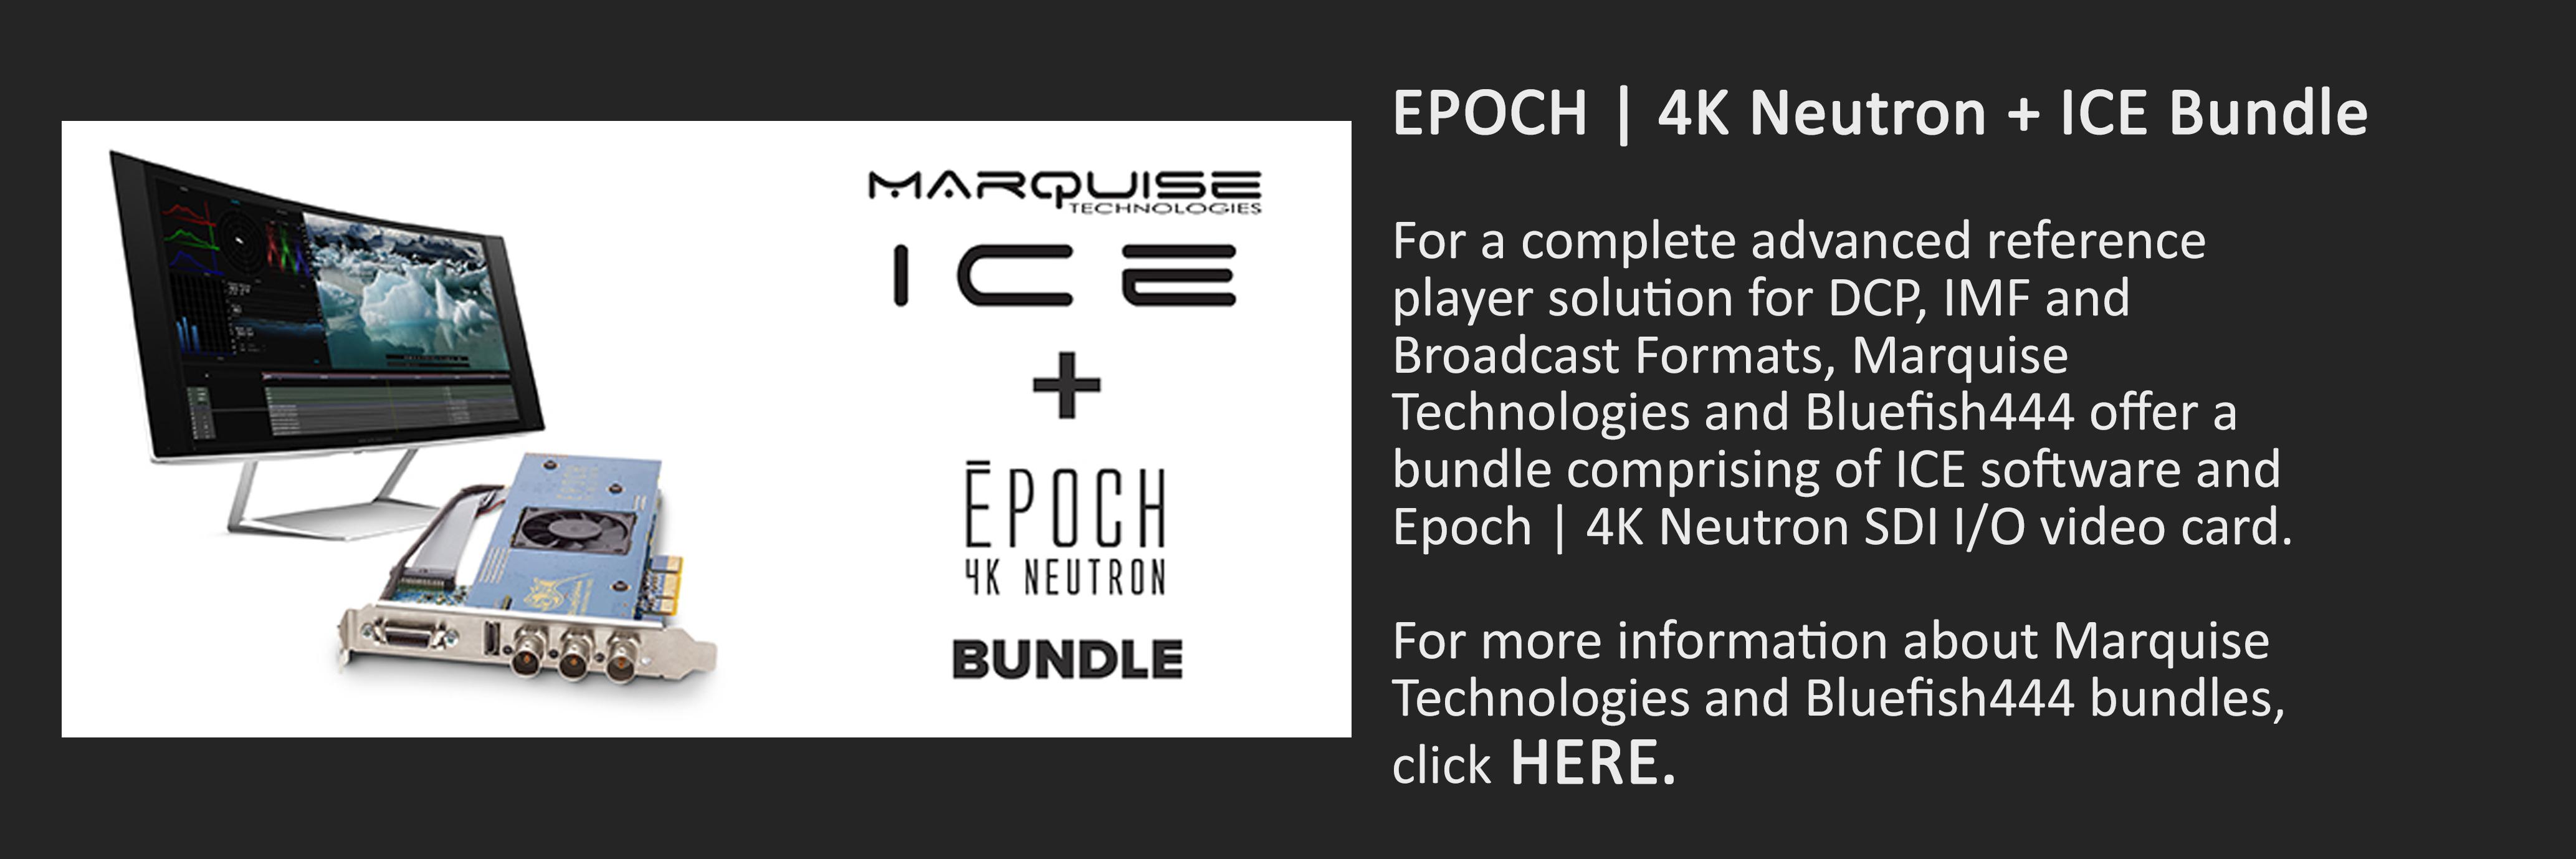 Bluefish444_IBC 2017 News_Marquise technologies & Bluefish444 Bundle